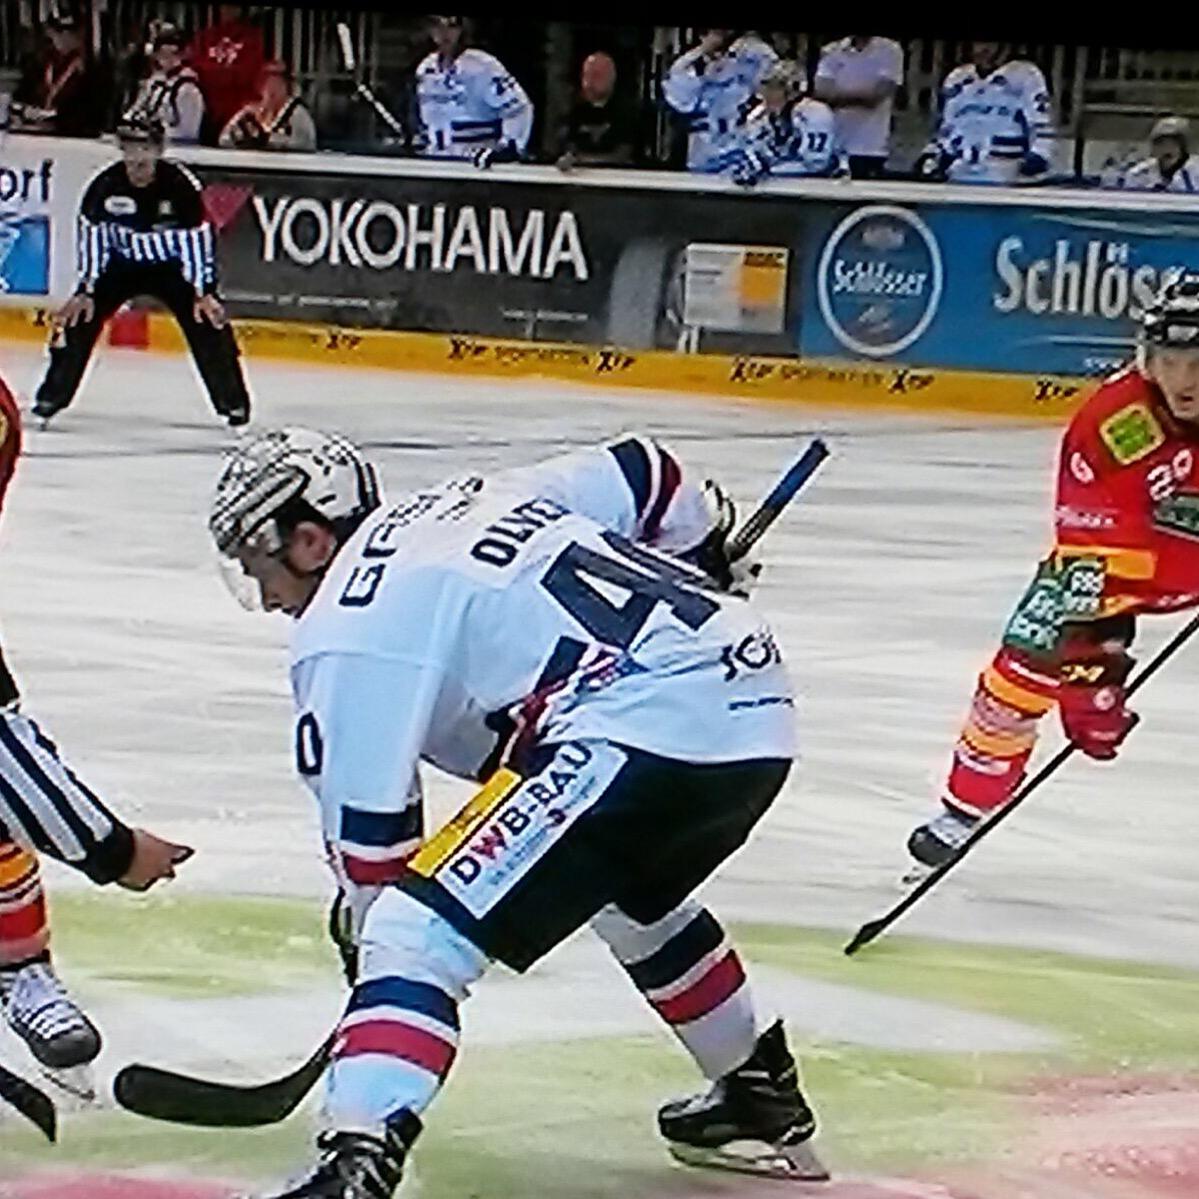 #YOKOHAMA #Winterreifen #Wdrive #V905 #Eishockey #DEG #ebb #ehc #München